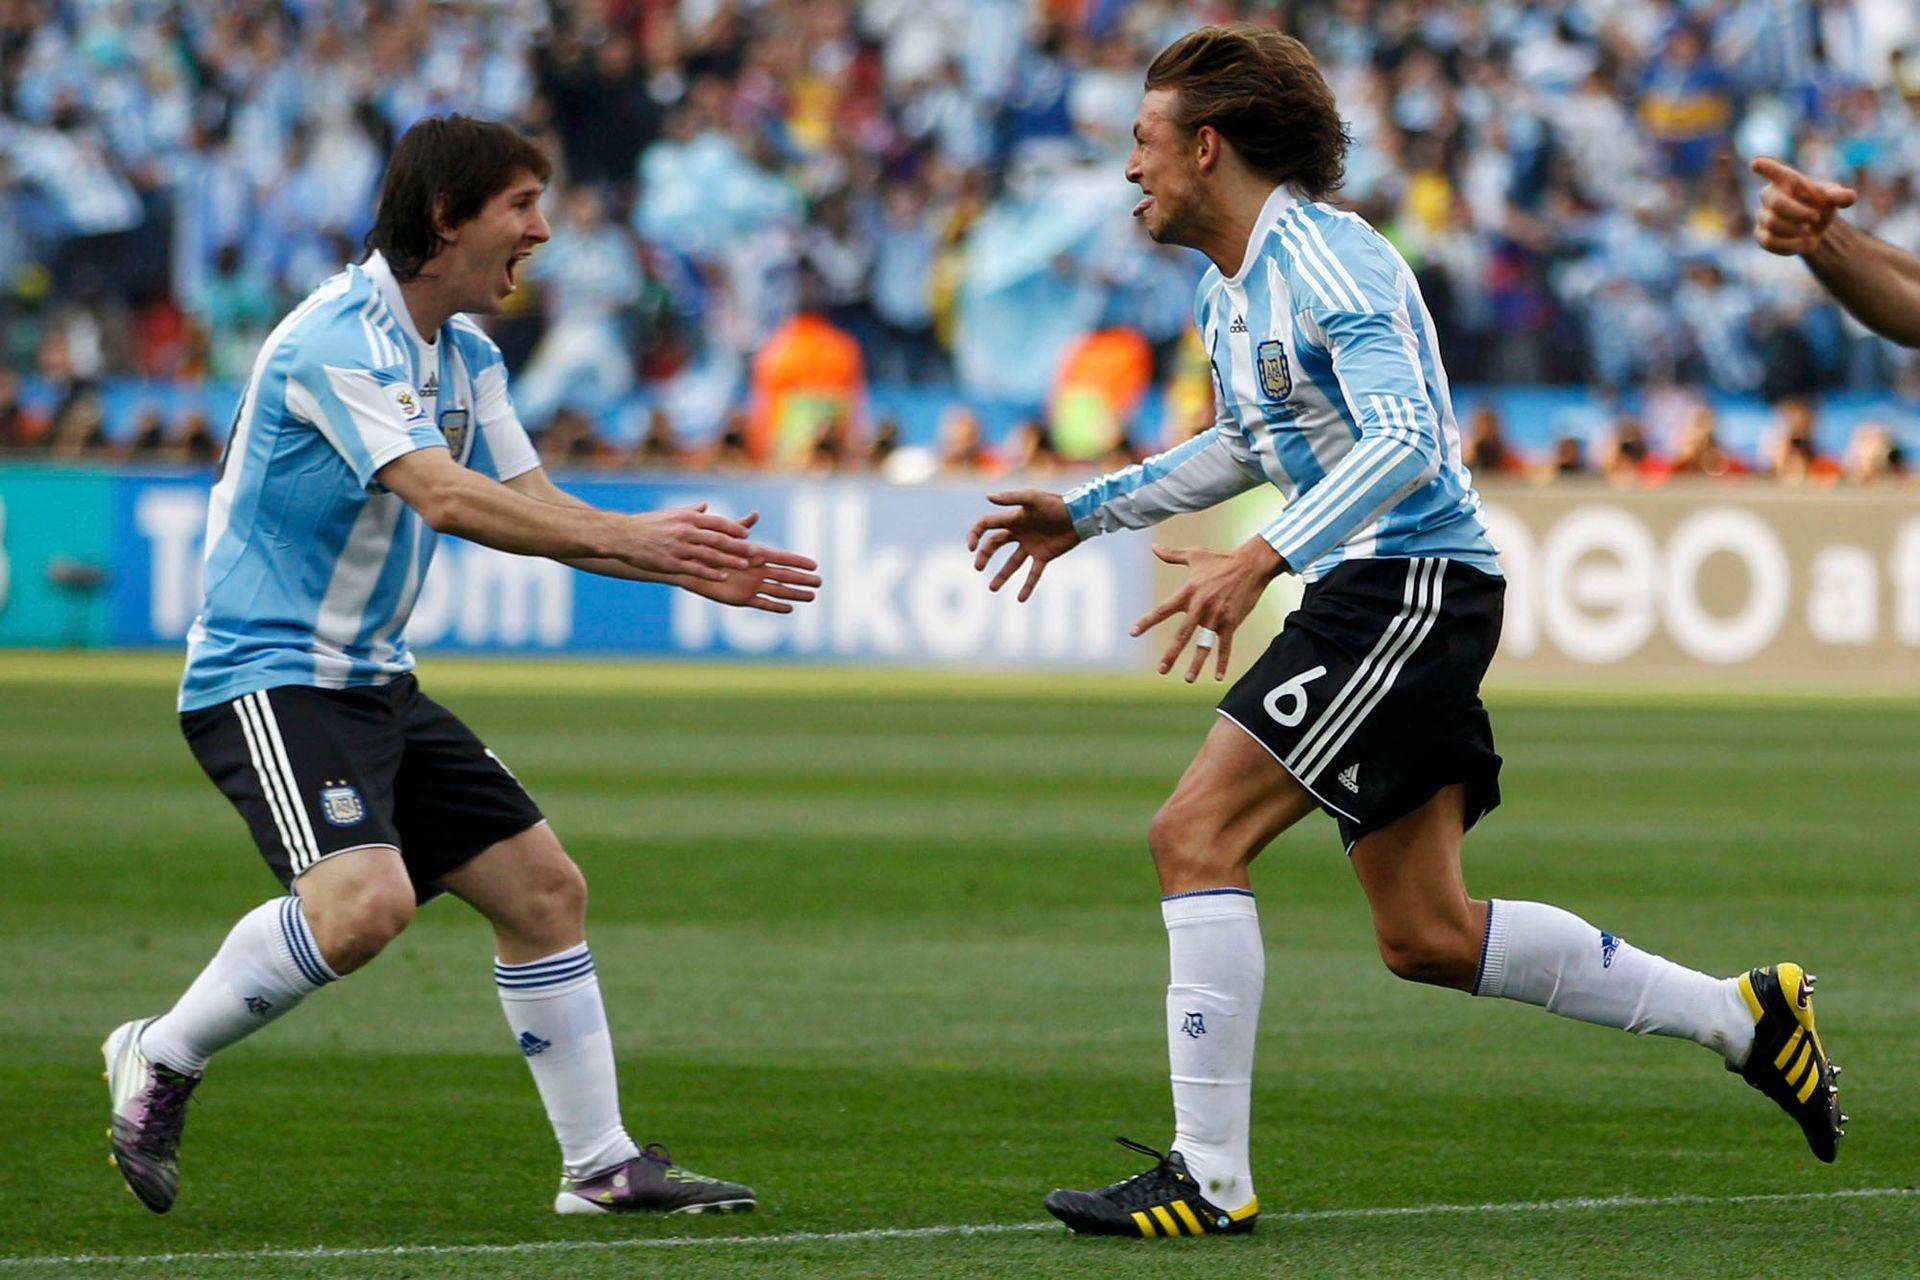 Cinco años, entre 2005 y 2010, compartieron Messi y Heinze en la selección, y en ese ciclo, jugaron dos Copas del Mundo: Alemania y Sudáfrica; siempre tuvieron una muy buena relación y hoy se mantienen en contacto a través de mensajes